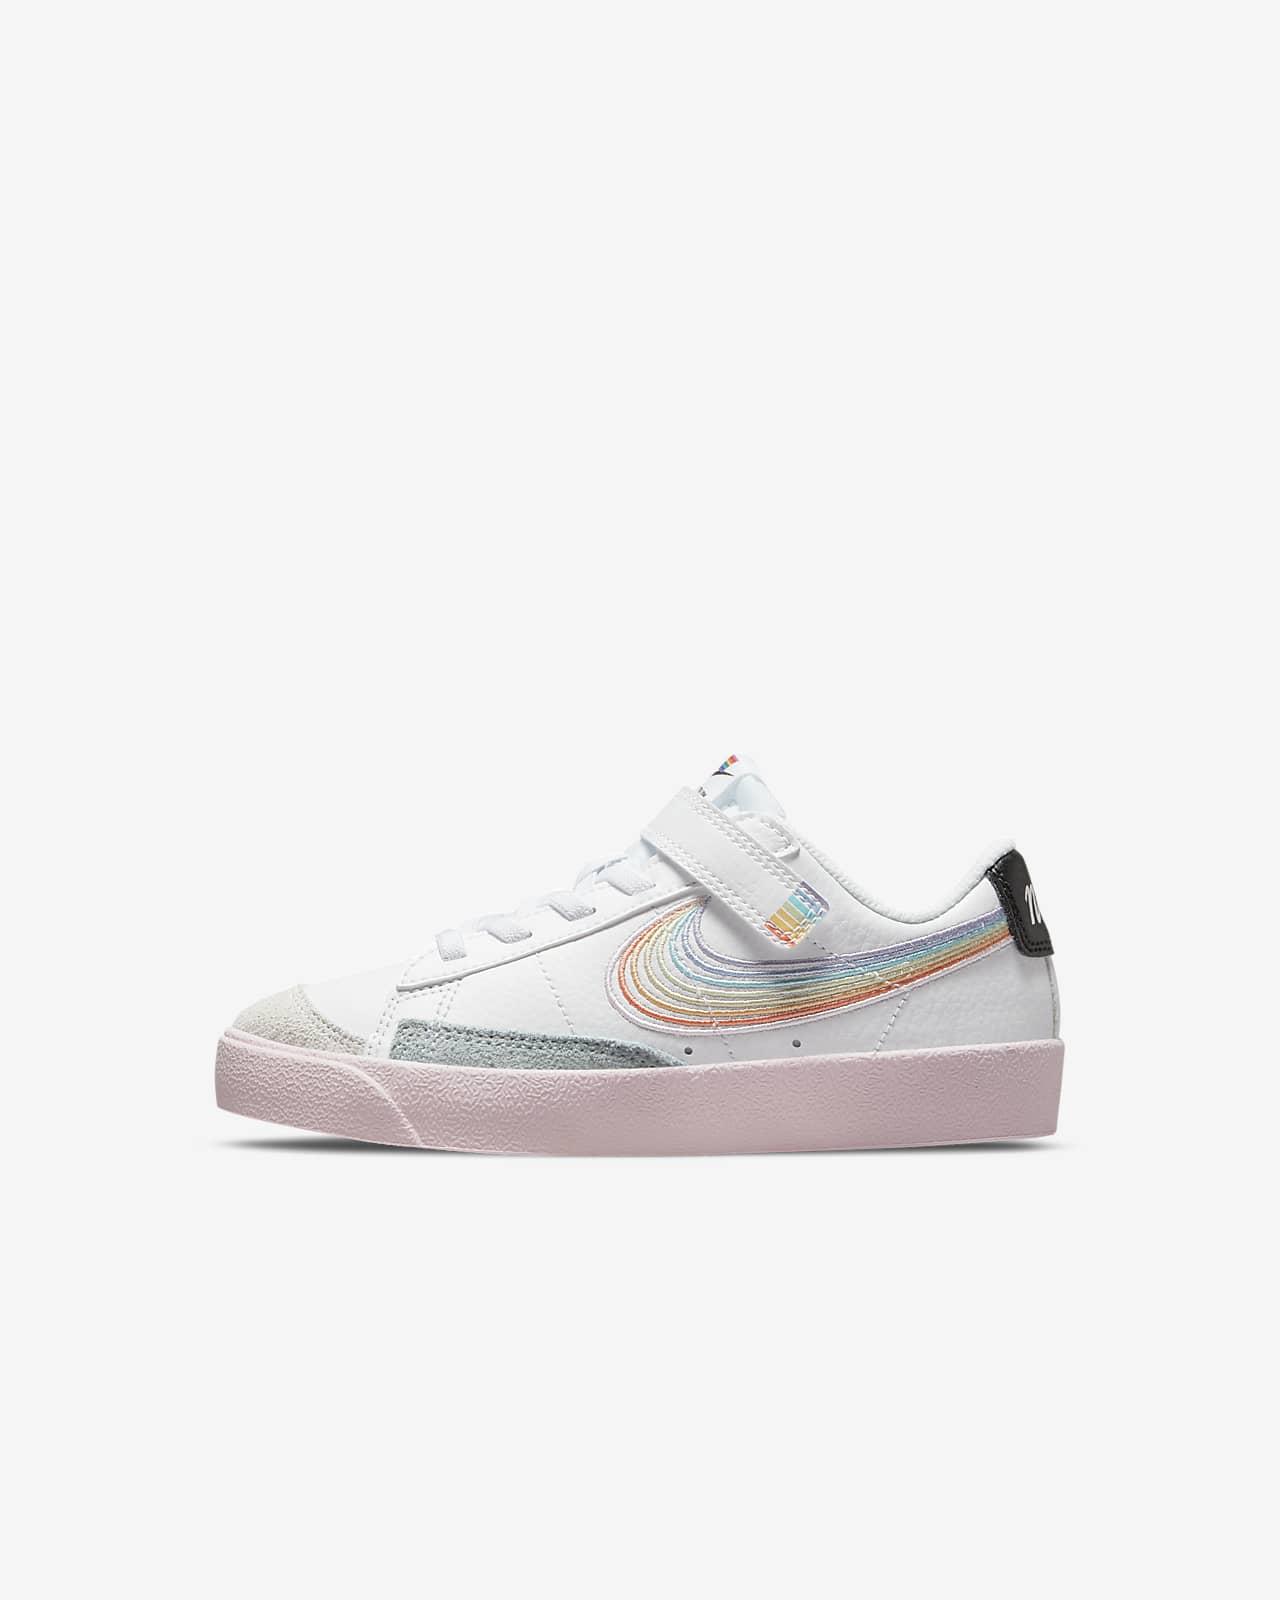 Chaussures Nike Blazer Low '77 Be True pour Jeune enfant